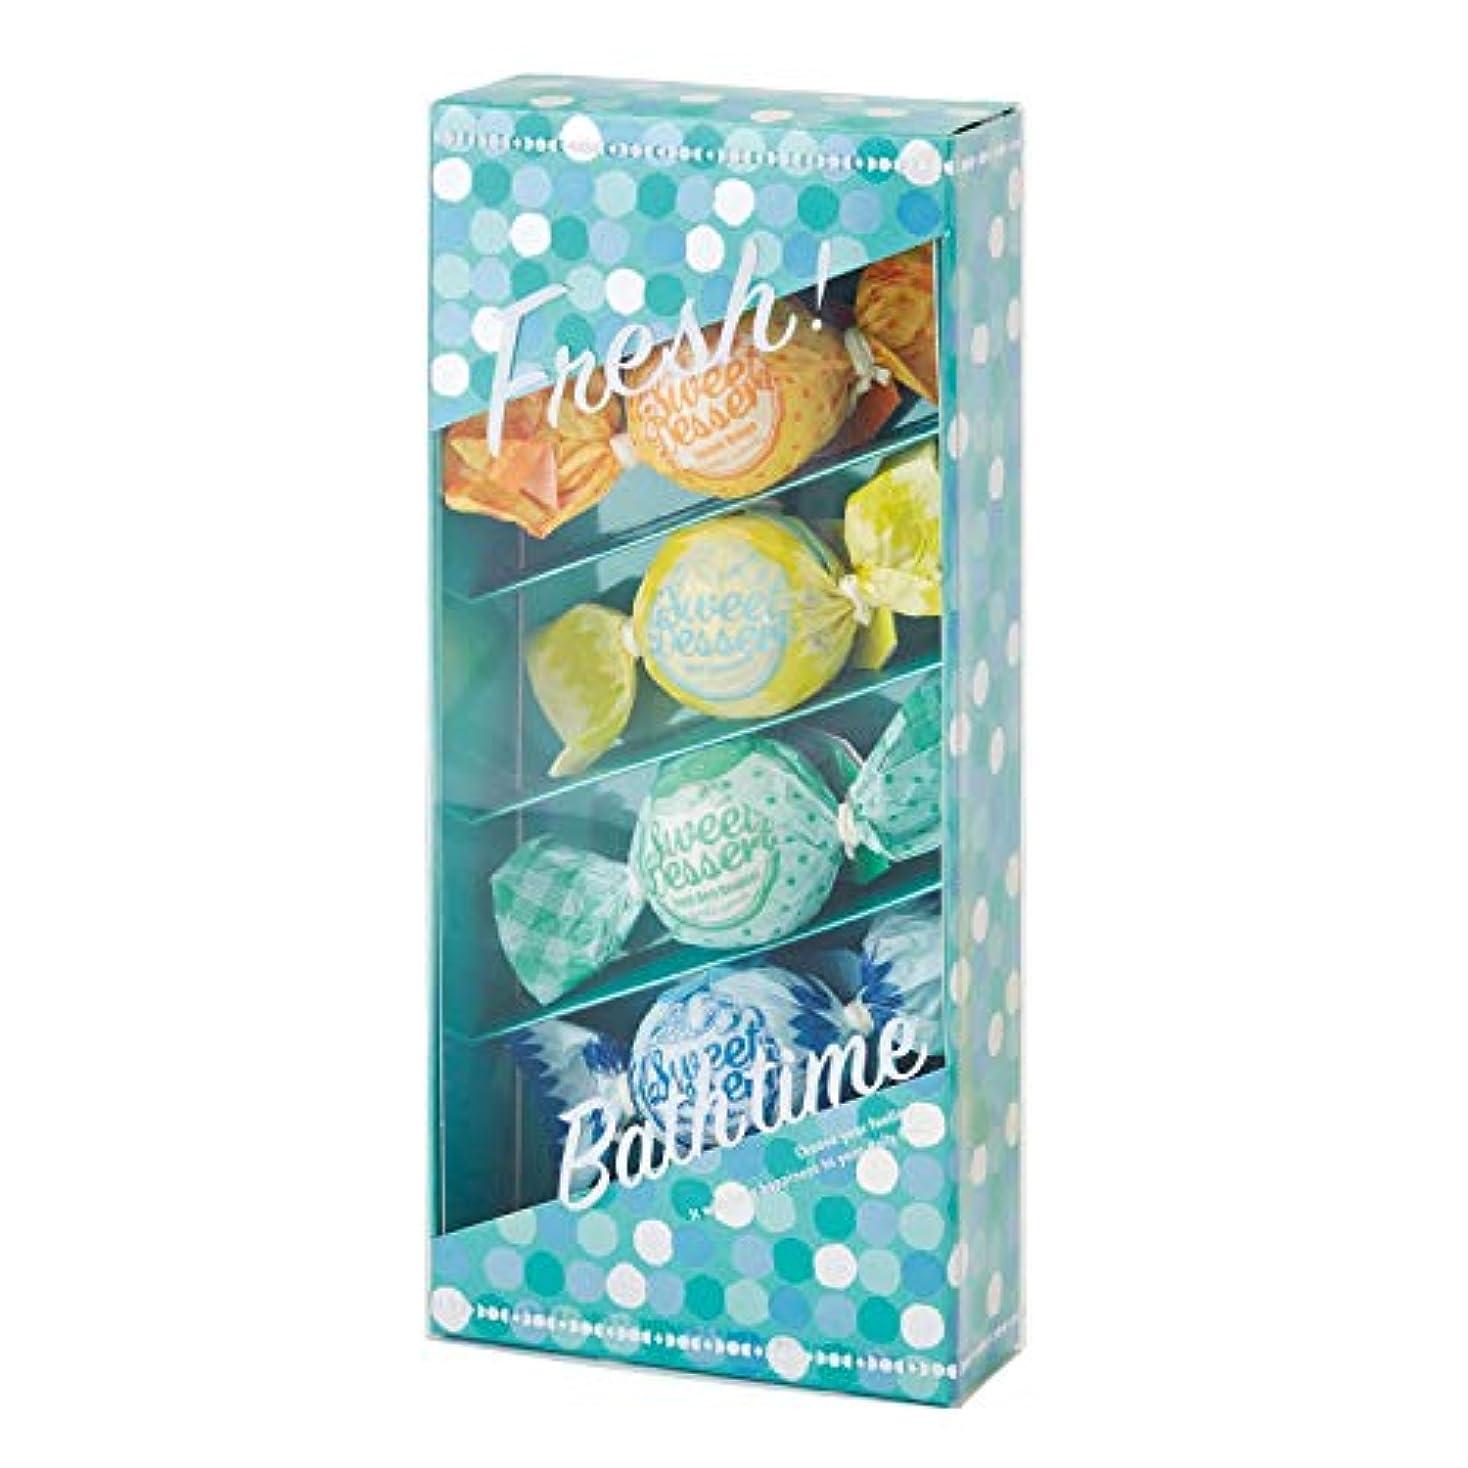 収容する狂ったレインコートアマイワナ バスキャンディー4粒ギフトセット フレッシュ (発泡入浴料 バスギフト)